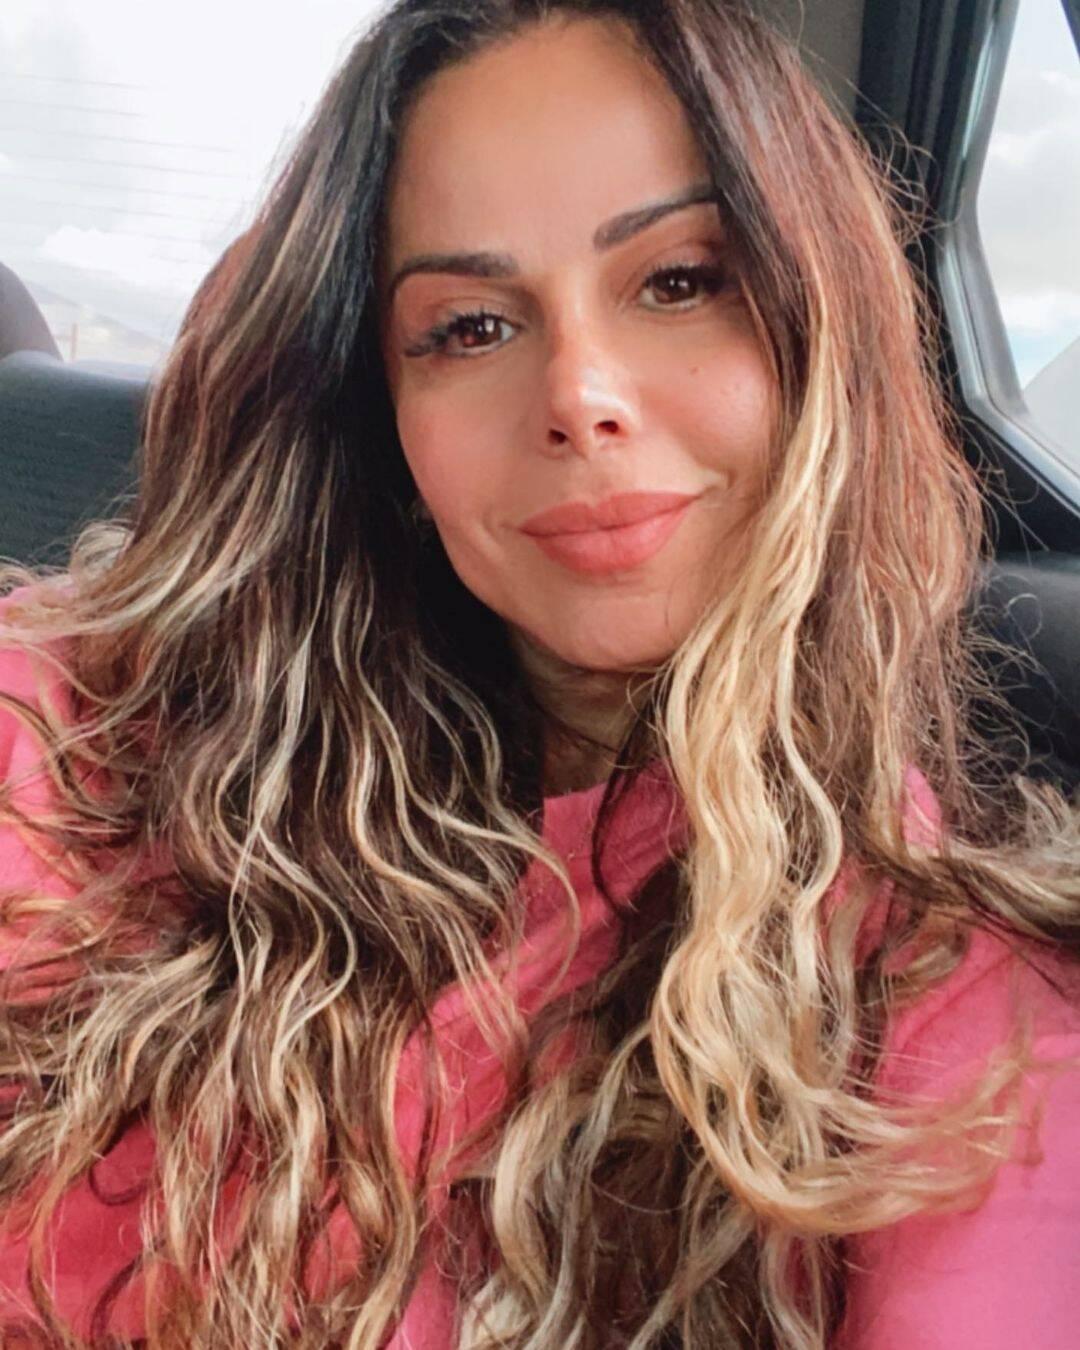 Inicialmente algumas informações de que Aline Riscado substituiria Viviane foram divulgadas, mas tudo não passou de boatos e ela continuará reinando nas passarelas. (Foto: Instagram)